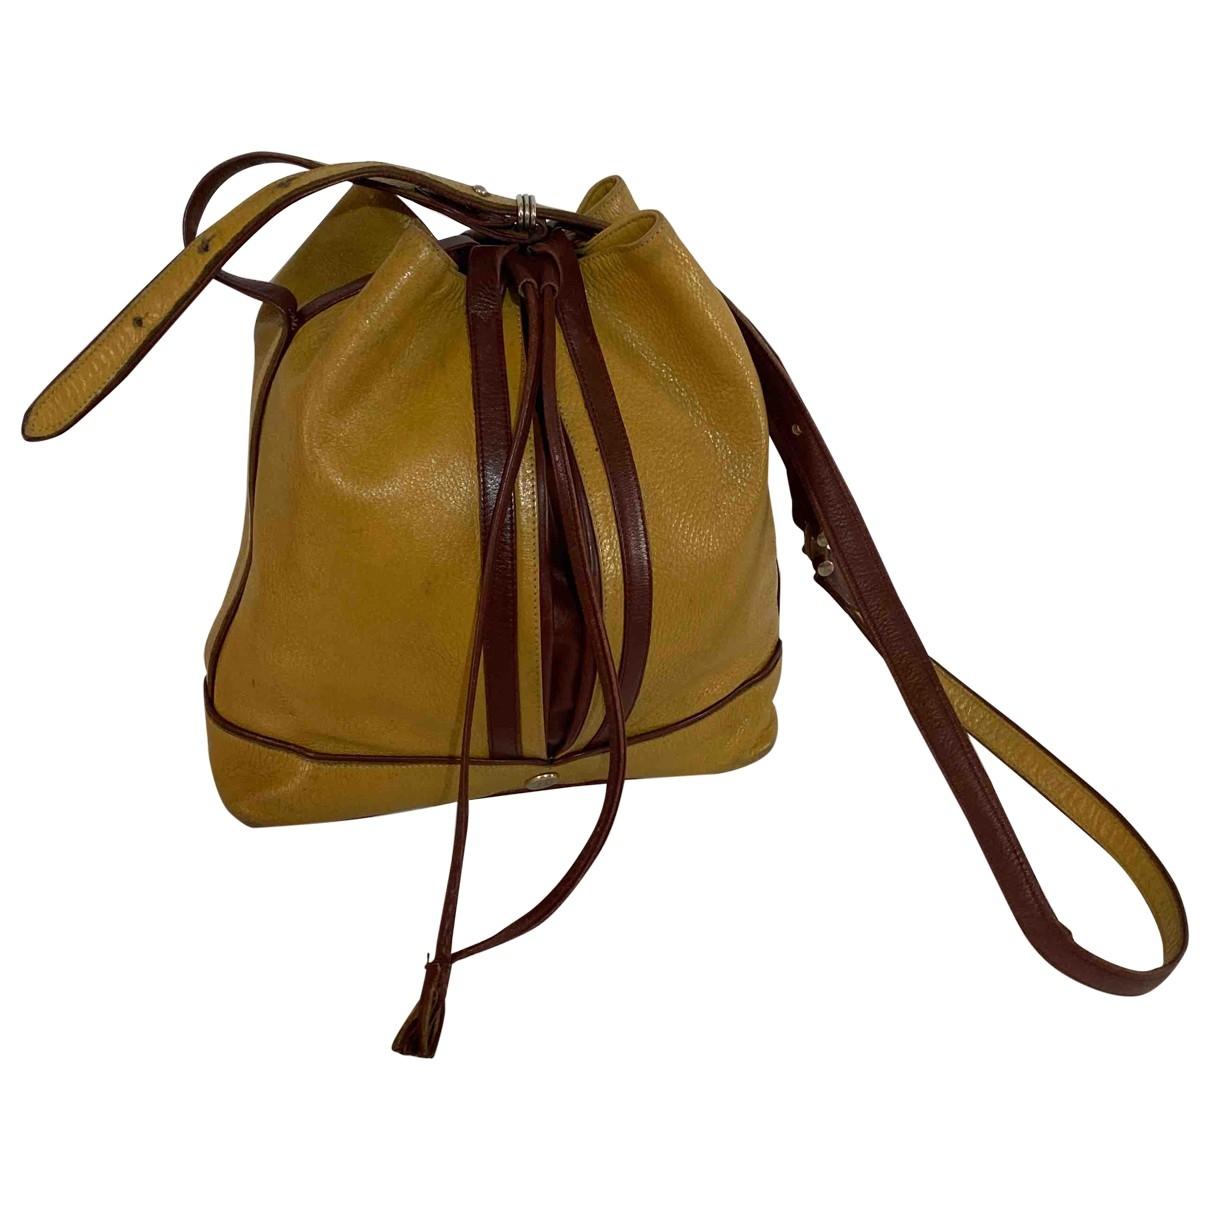 Cartier - Sac a main   pour femme en cuir - camel